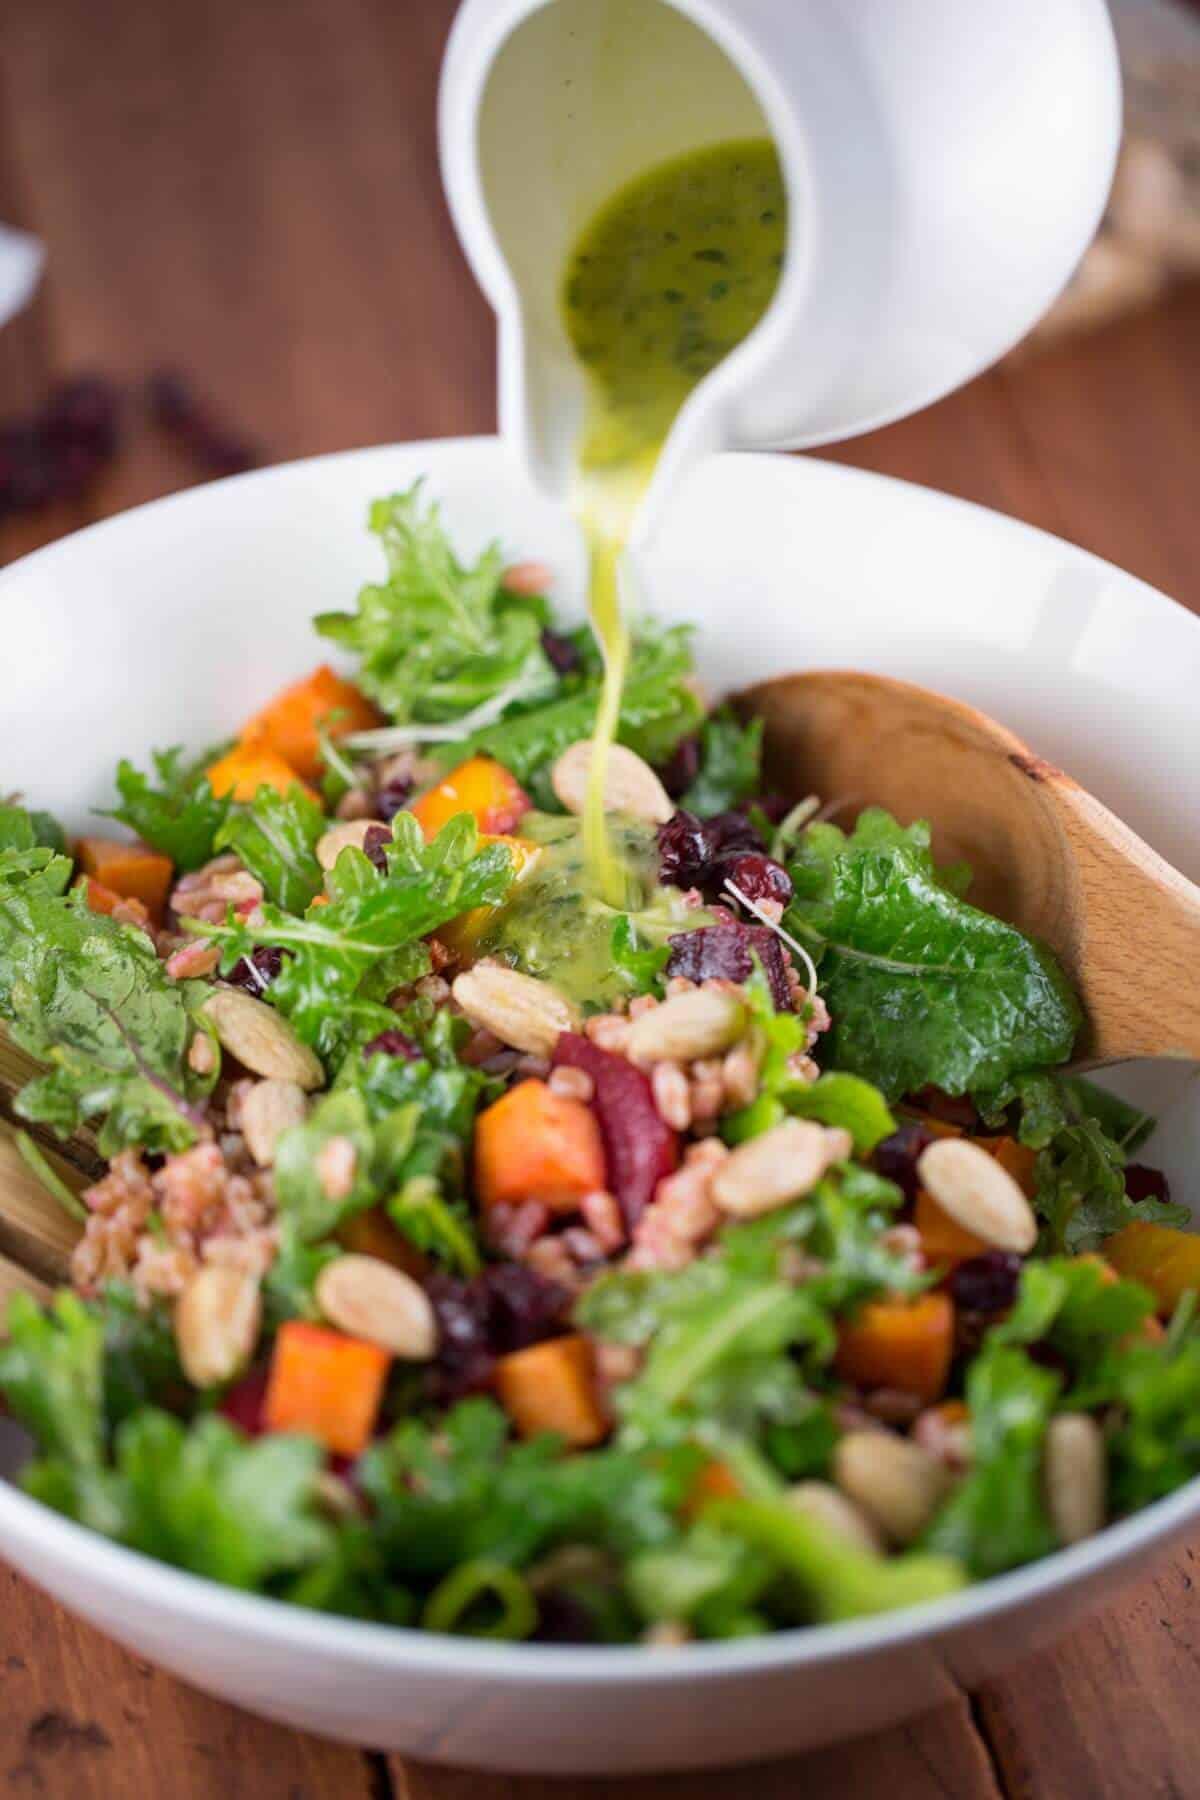 Pouring homemade dressing over farro salad | jessicagavin.com